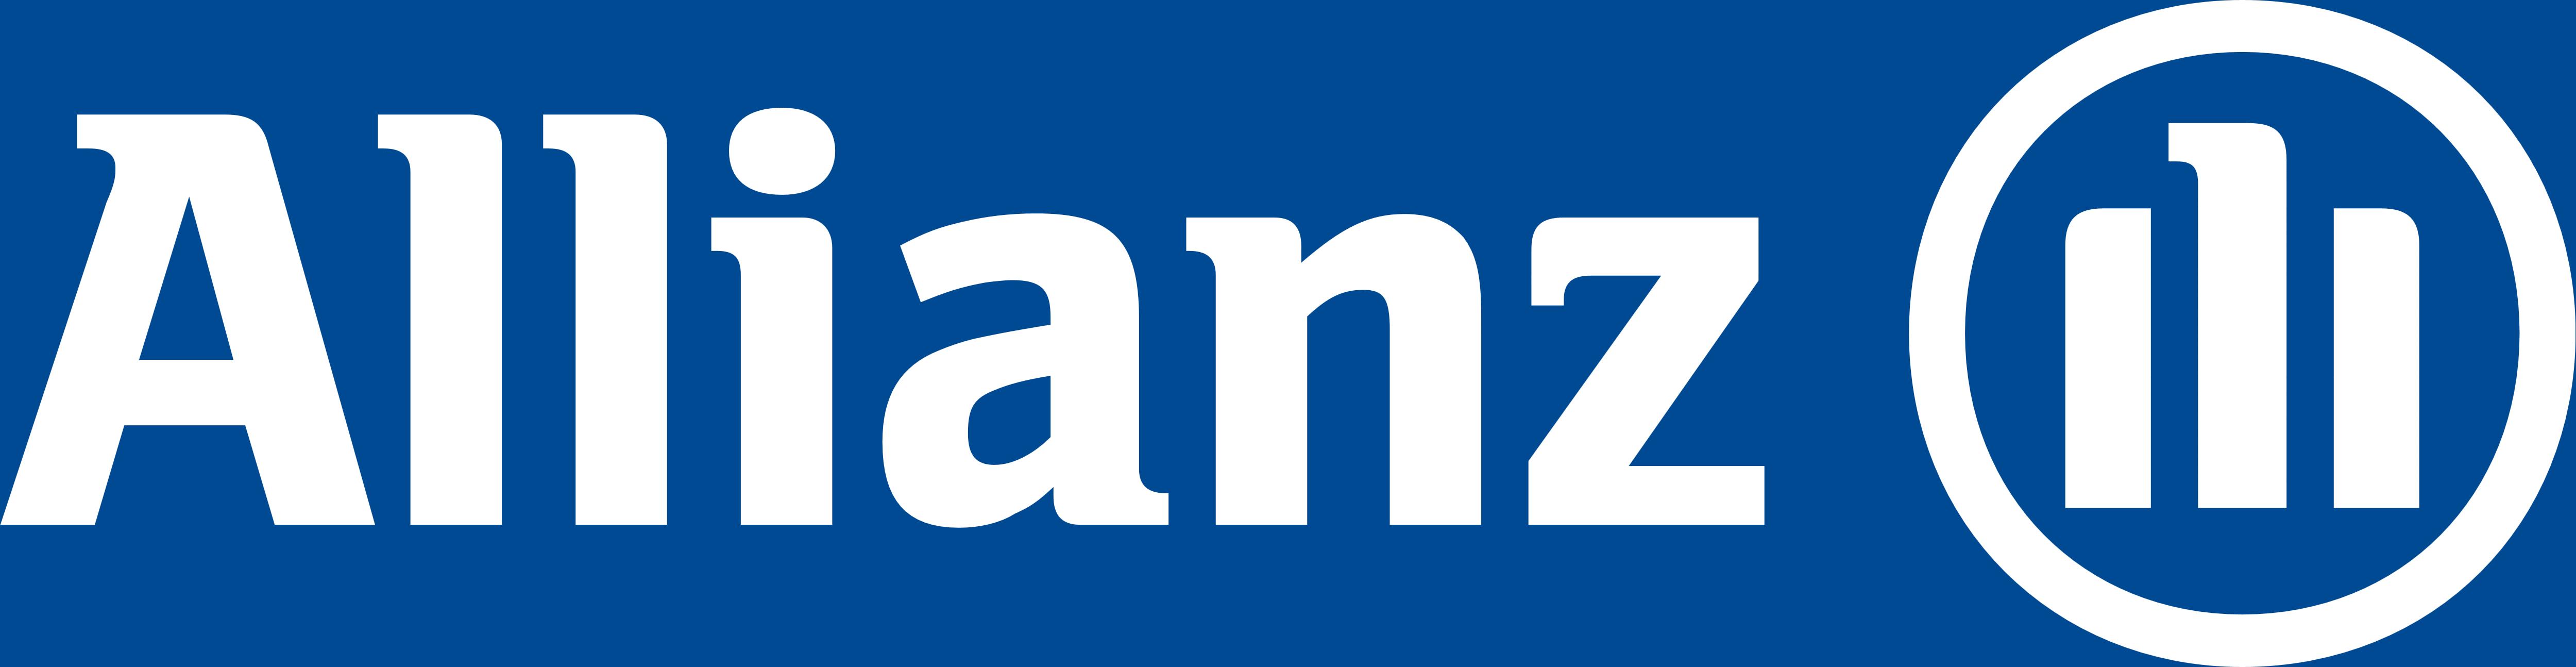 allianz logos download vector logos download vector logos free download